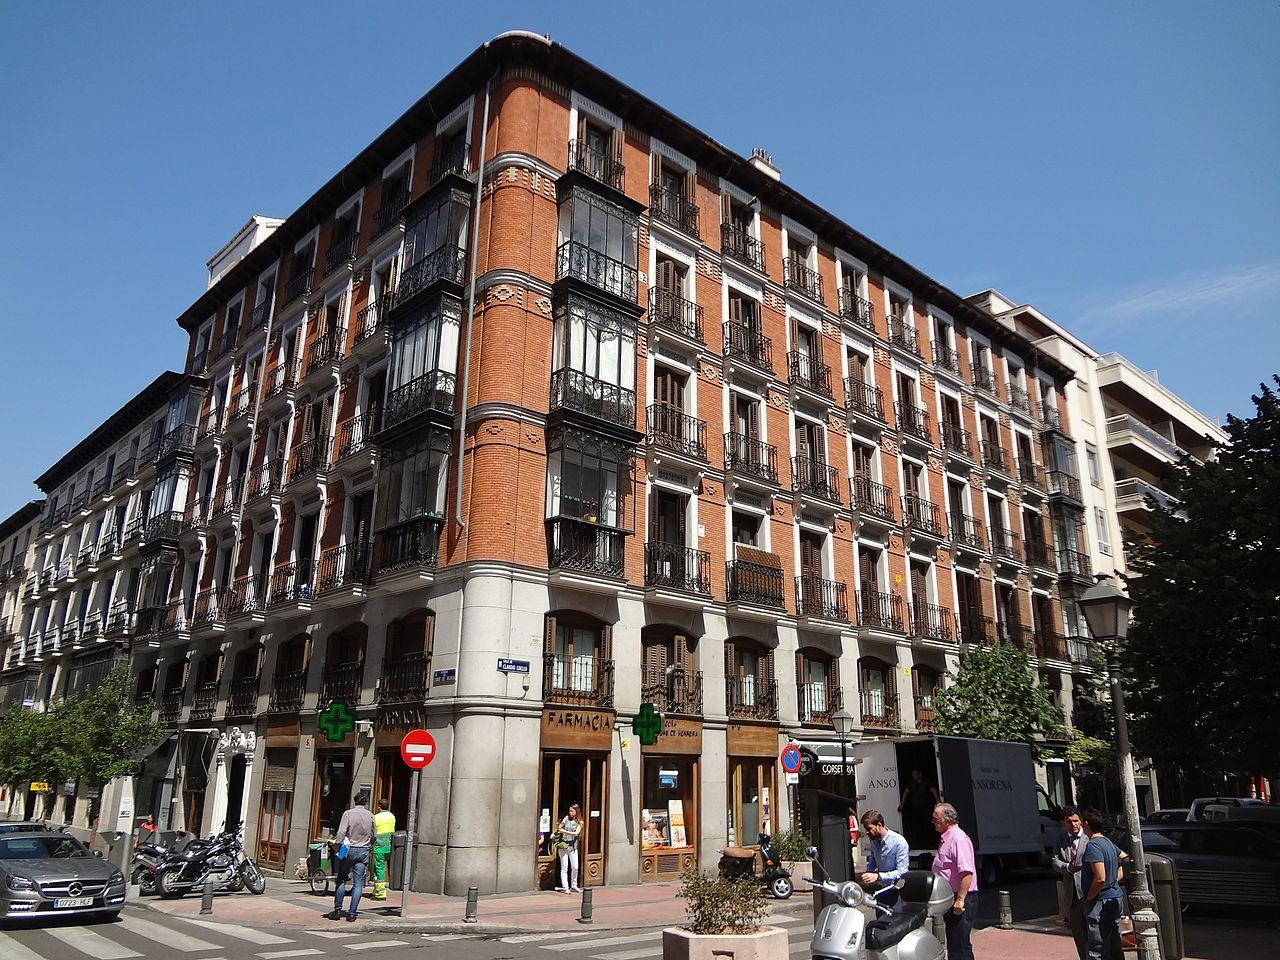 brick_building_barrio_de_salamanca_madrid_spain